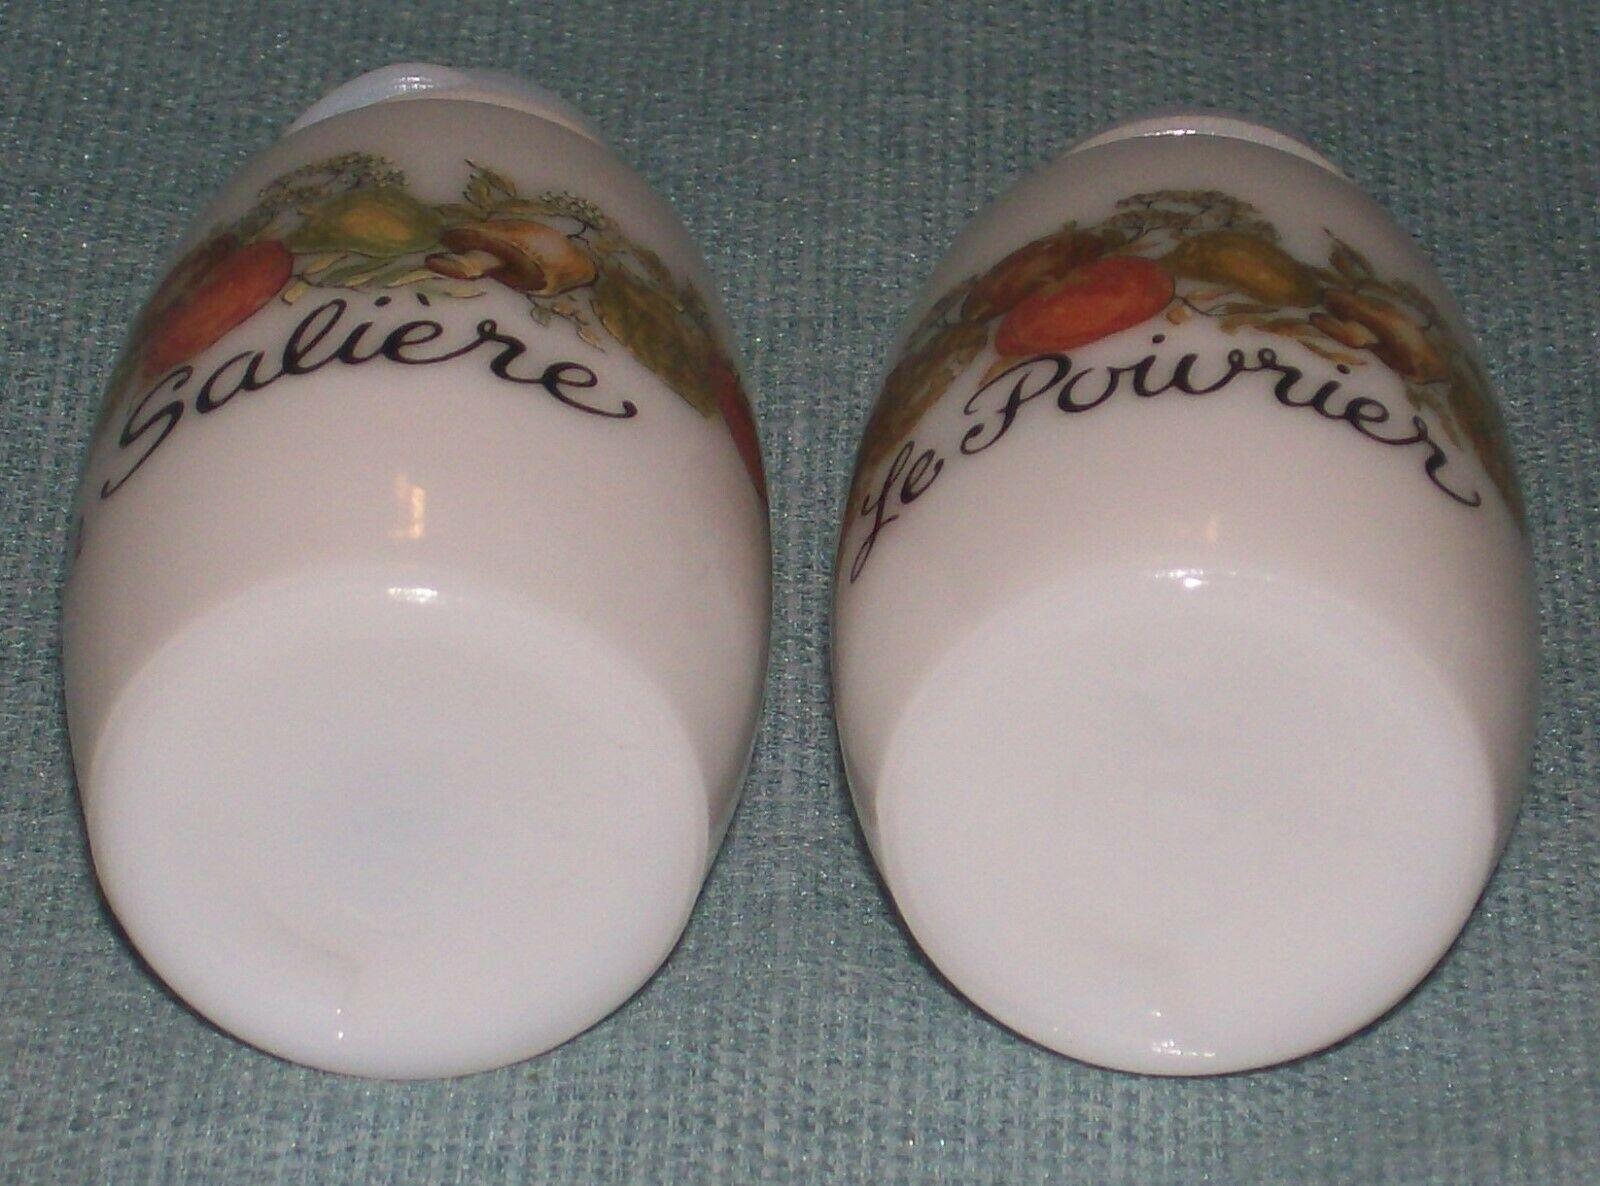 Vtg SPICE OF LIFE Salt and Pepper Shakers- ChromeTops -Corelle Gemco Corning GU  image 6